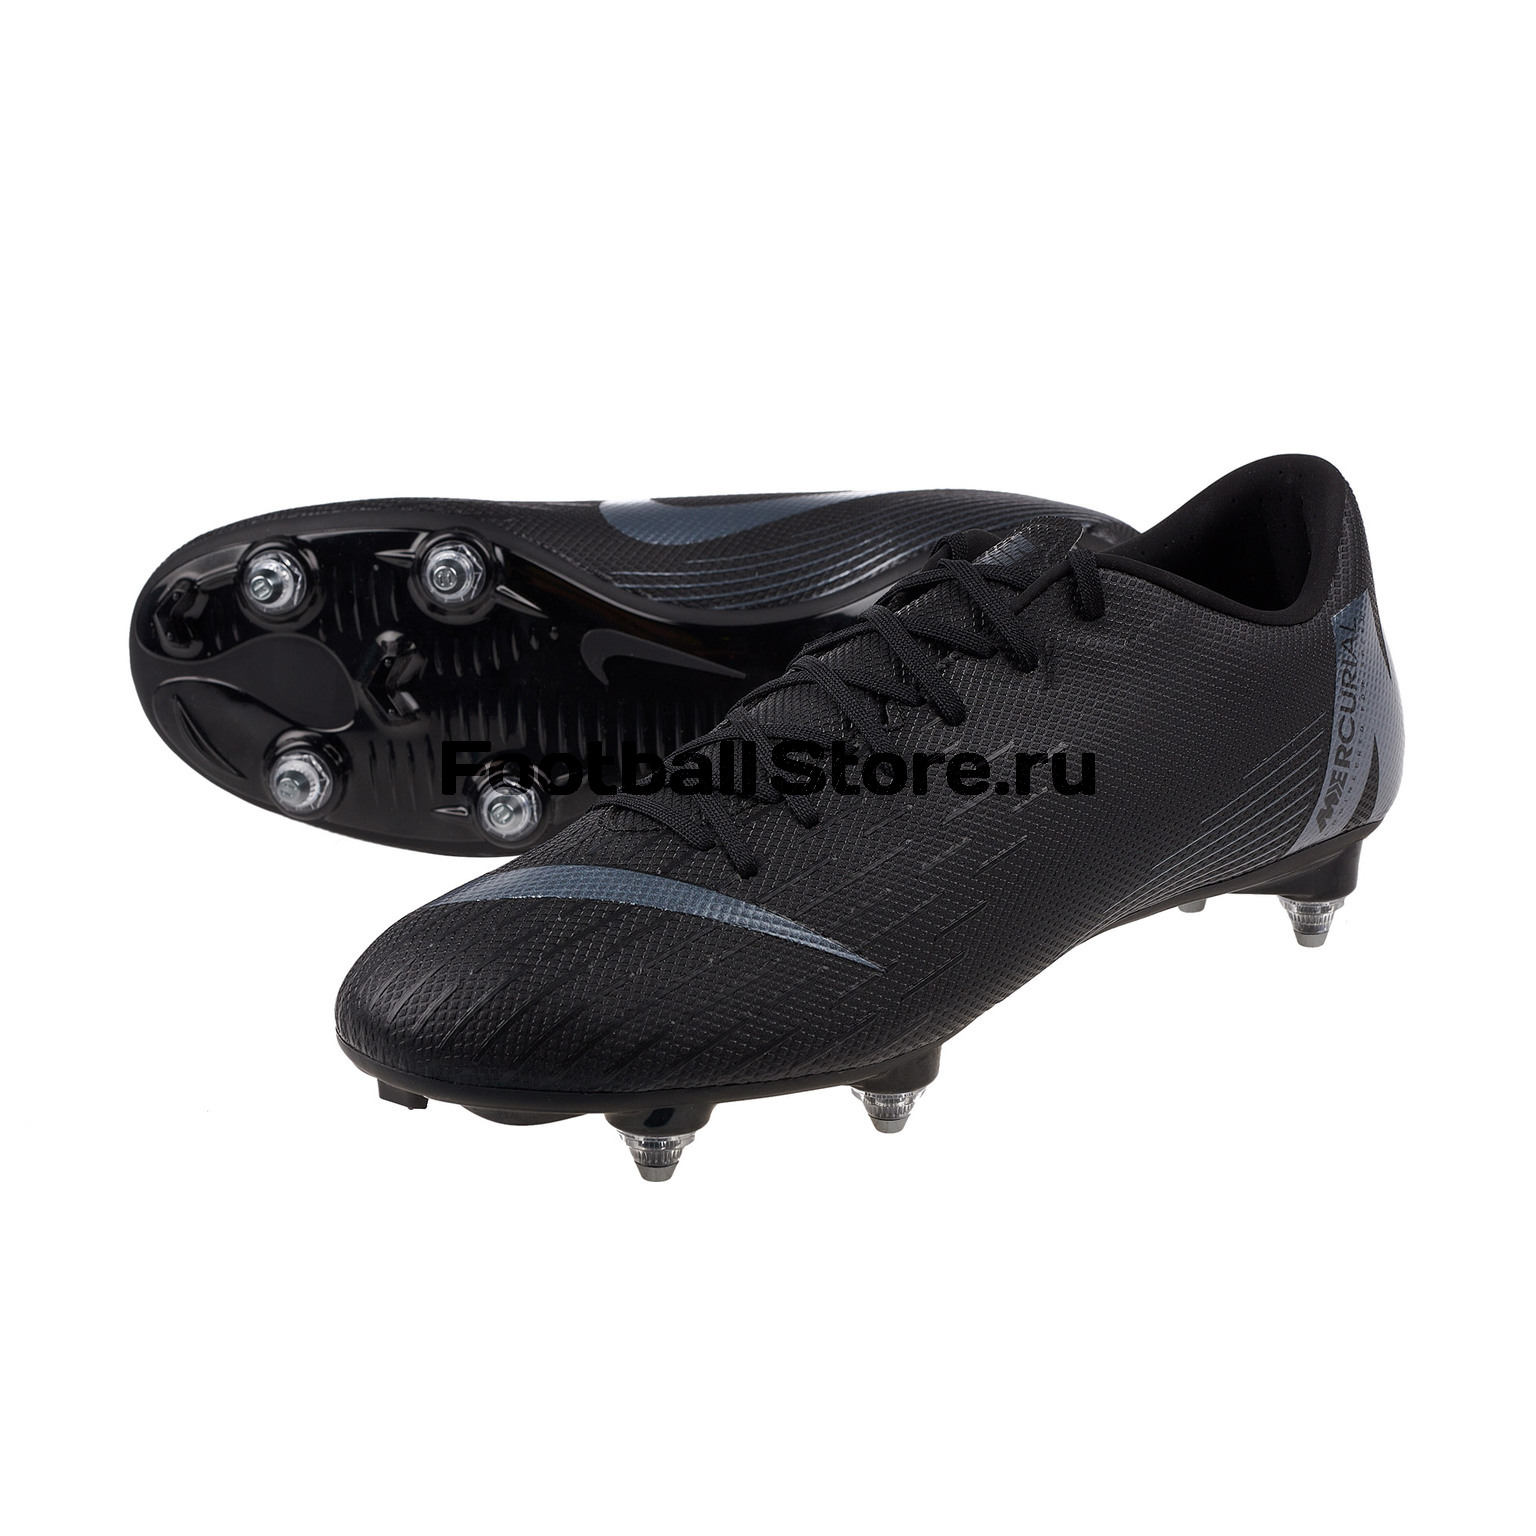 Бутсы Nike Vapor 12 Academy SG AH7376-001 бутсы детские nike vapor 12 academy gs sg ah7348 001